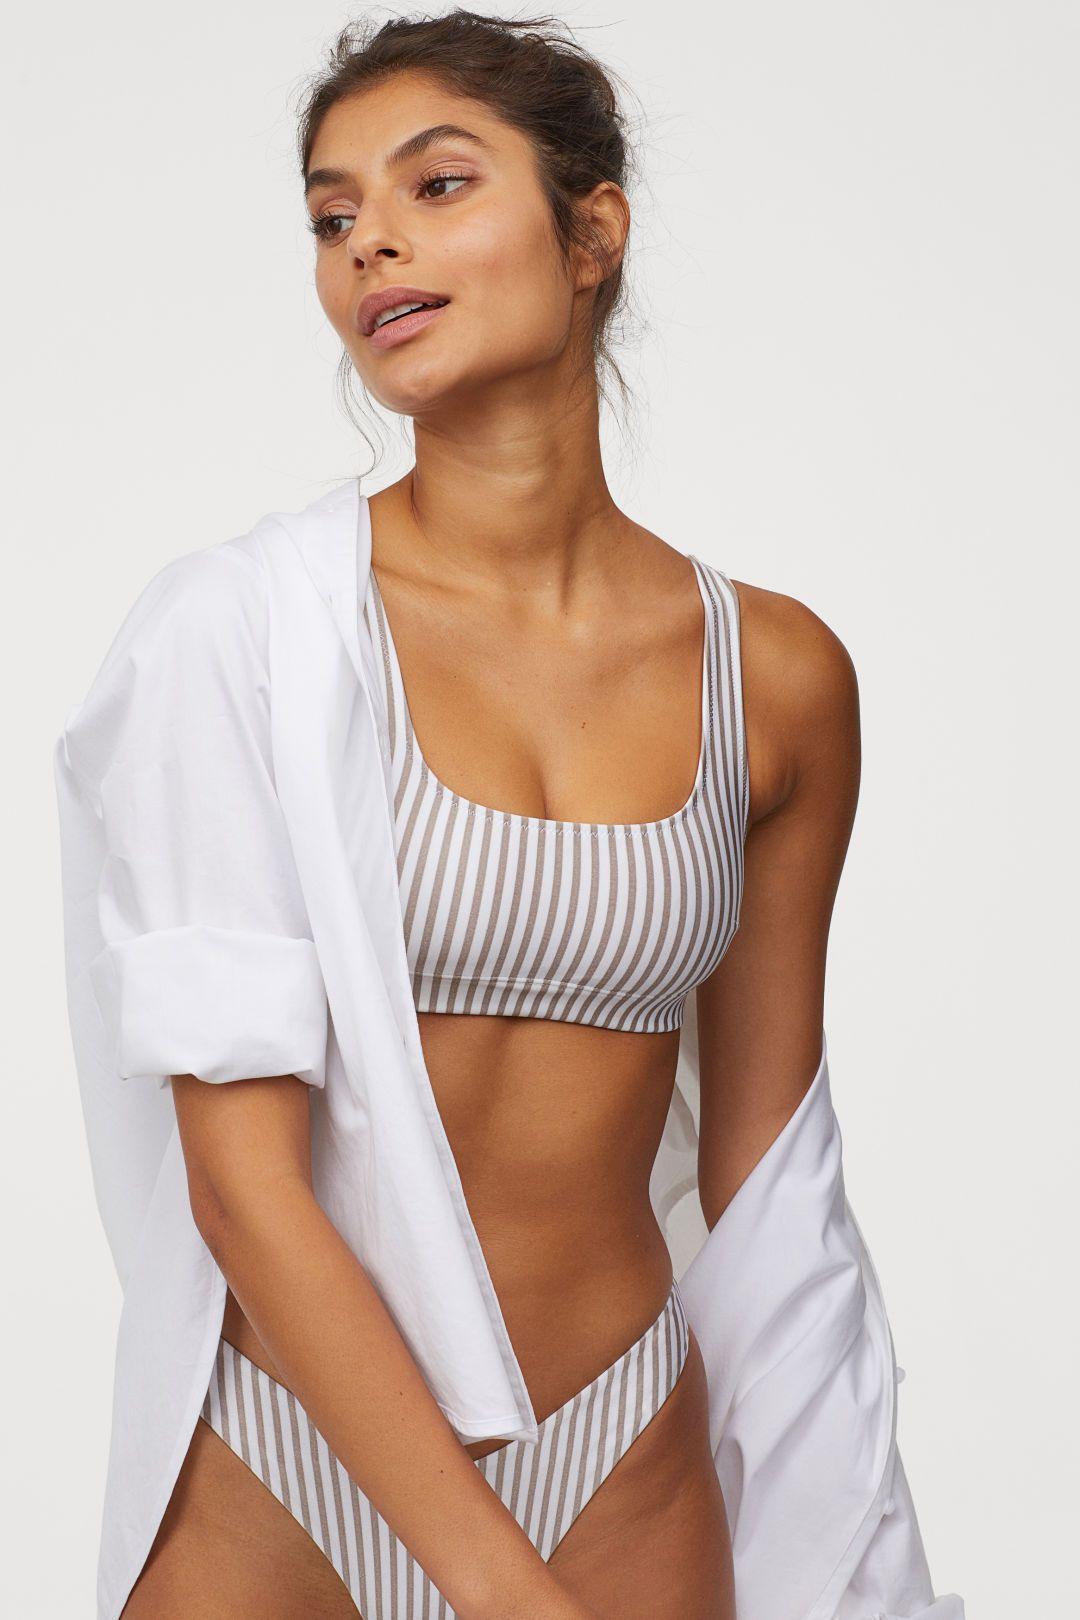 Bikini flat chested